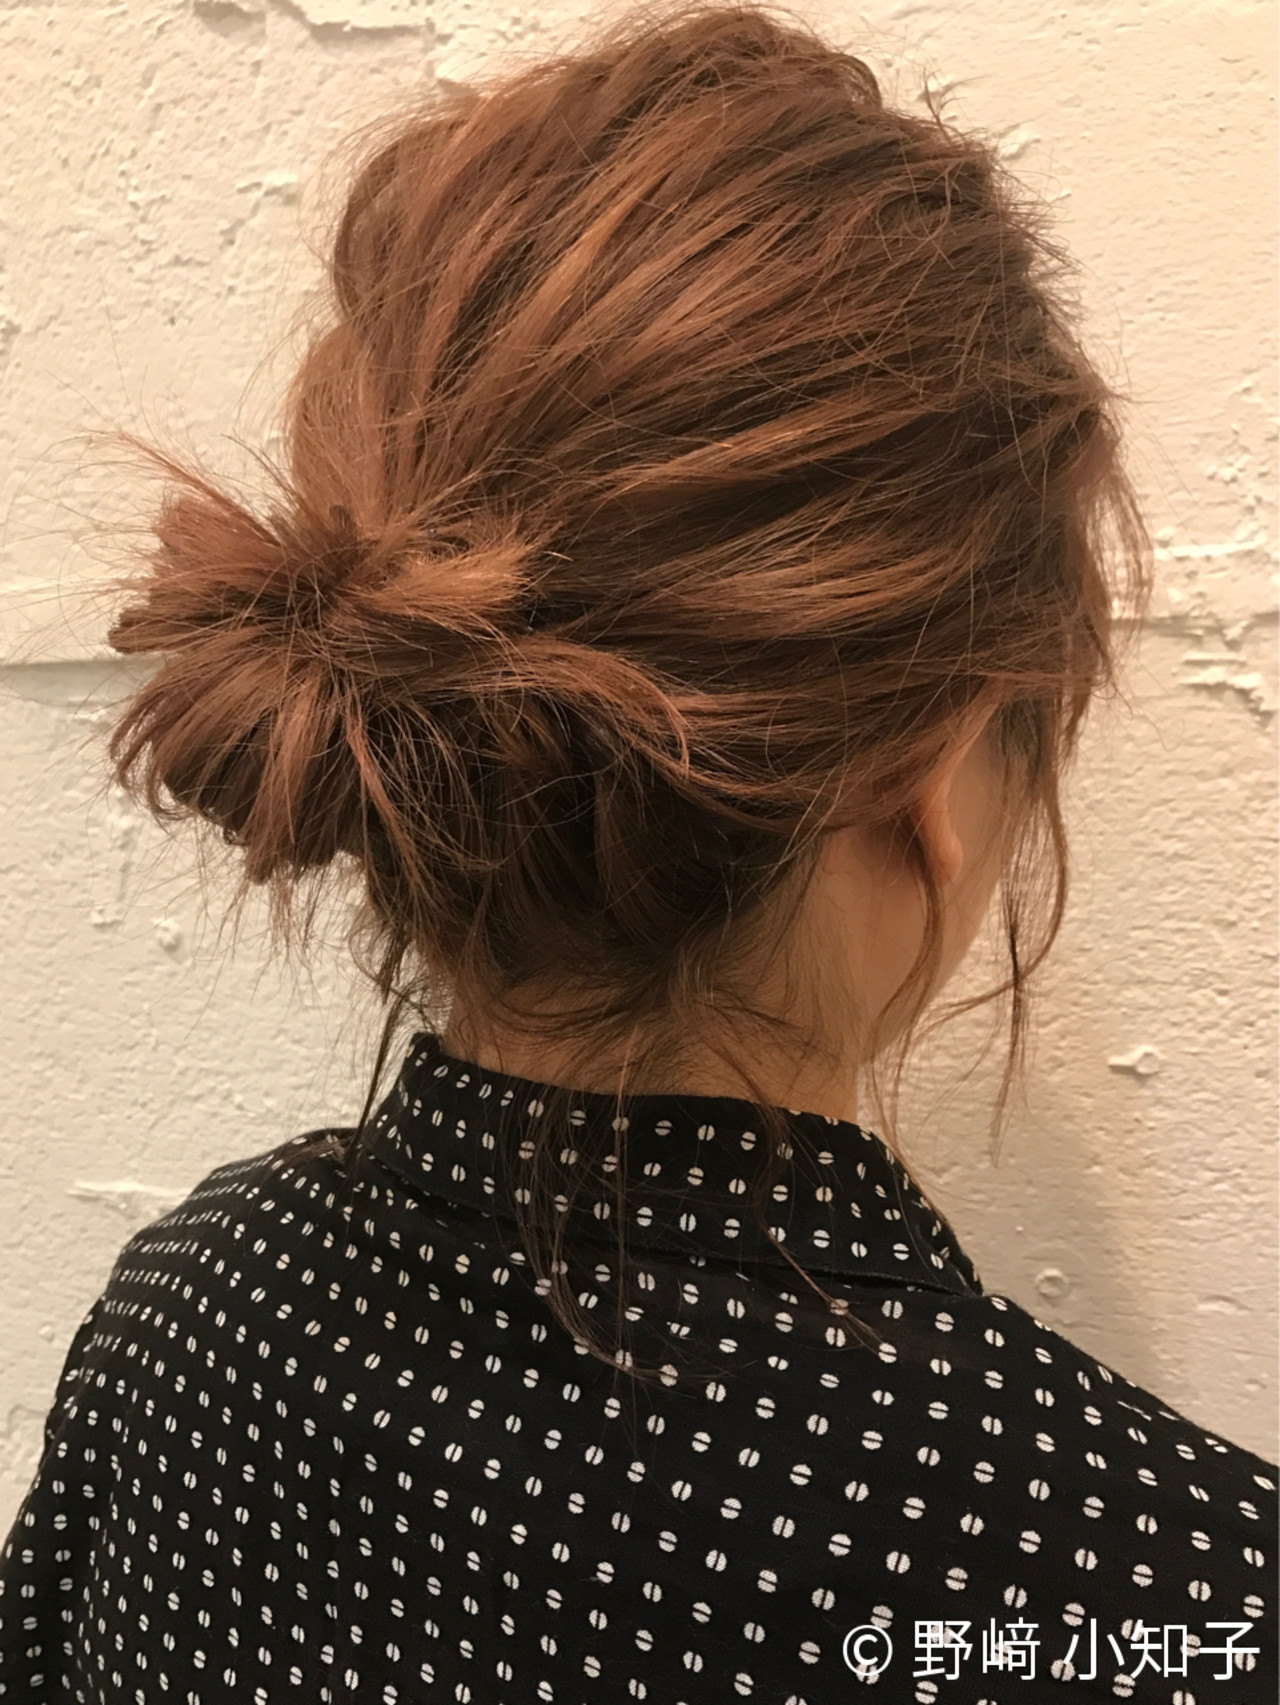 お団子 オフィス ショート コンサバ ヘアスタイルや髪型の写真・画像